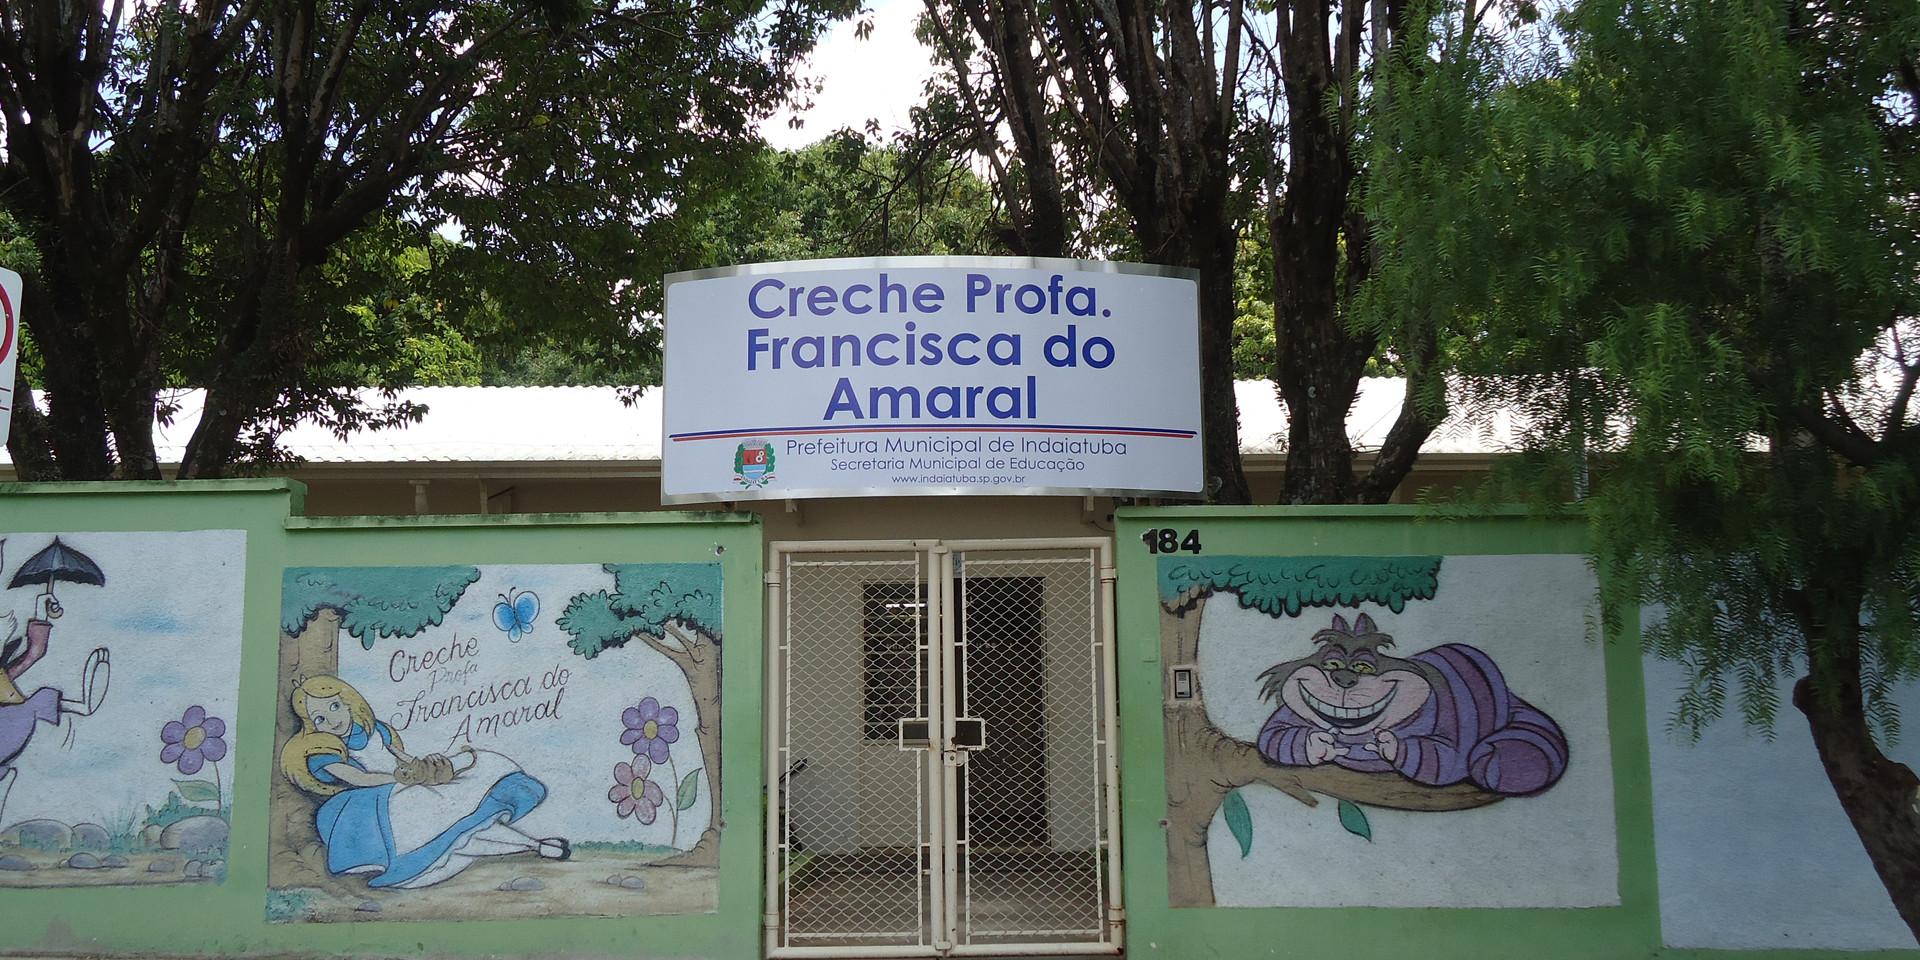 Creche Profª Francisca do Amaral